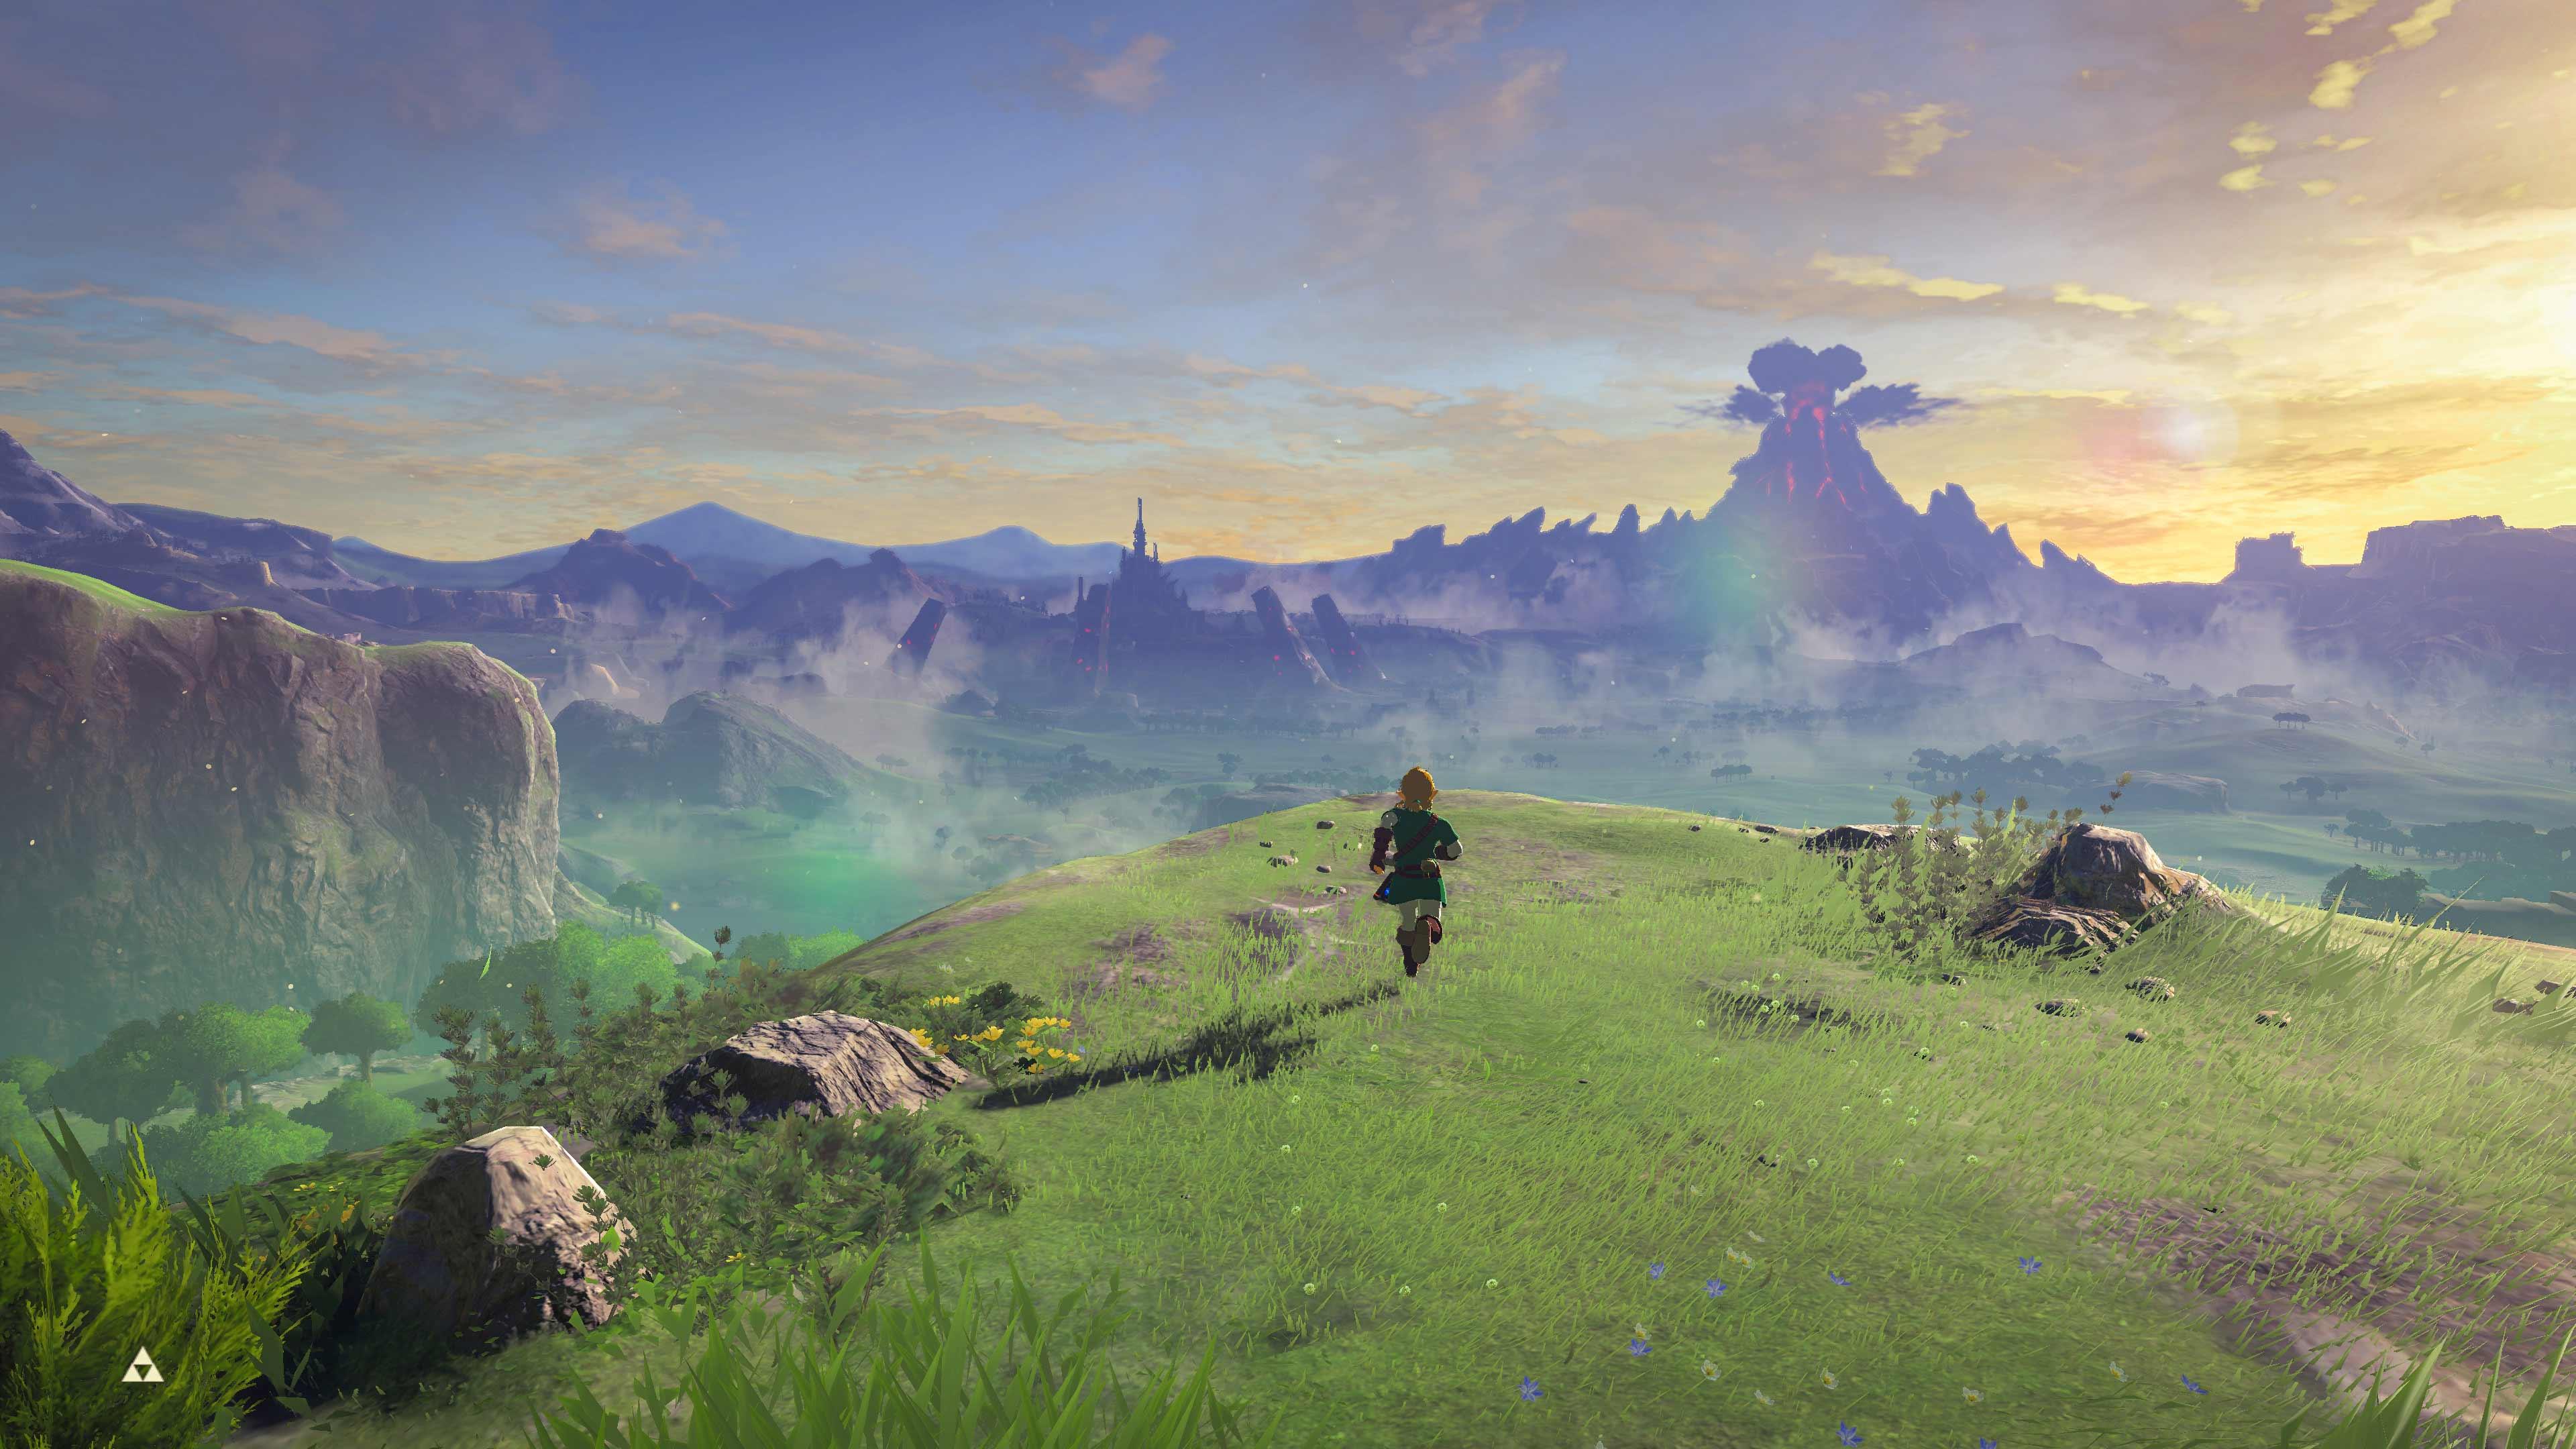 荒野之息火山的风景画